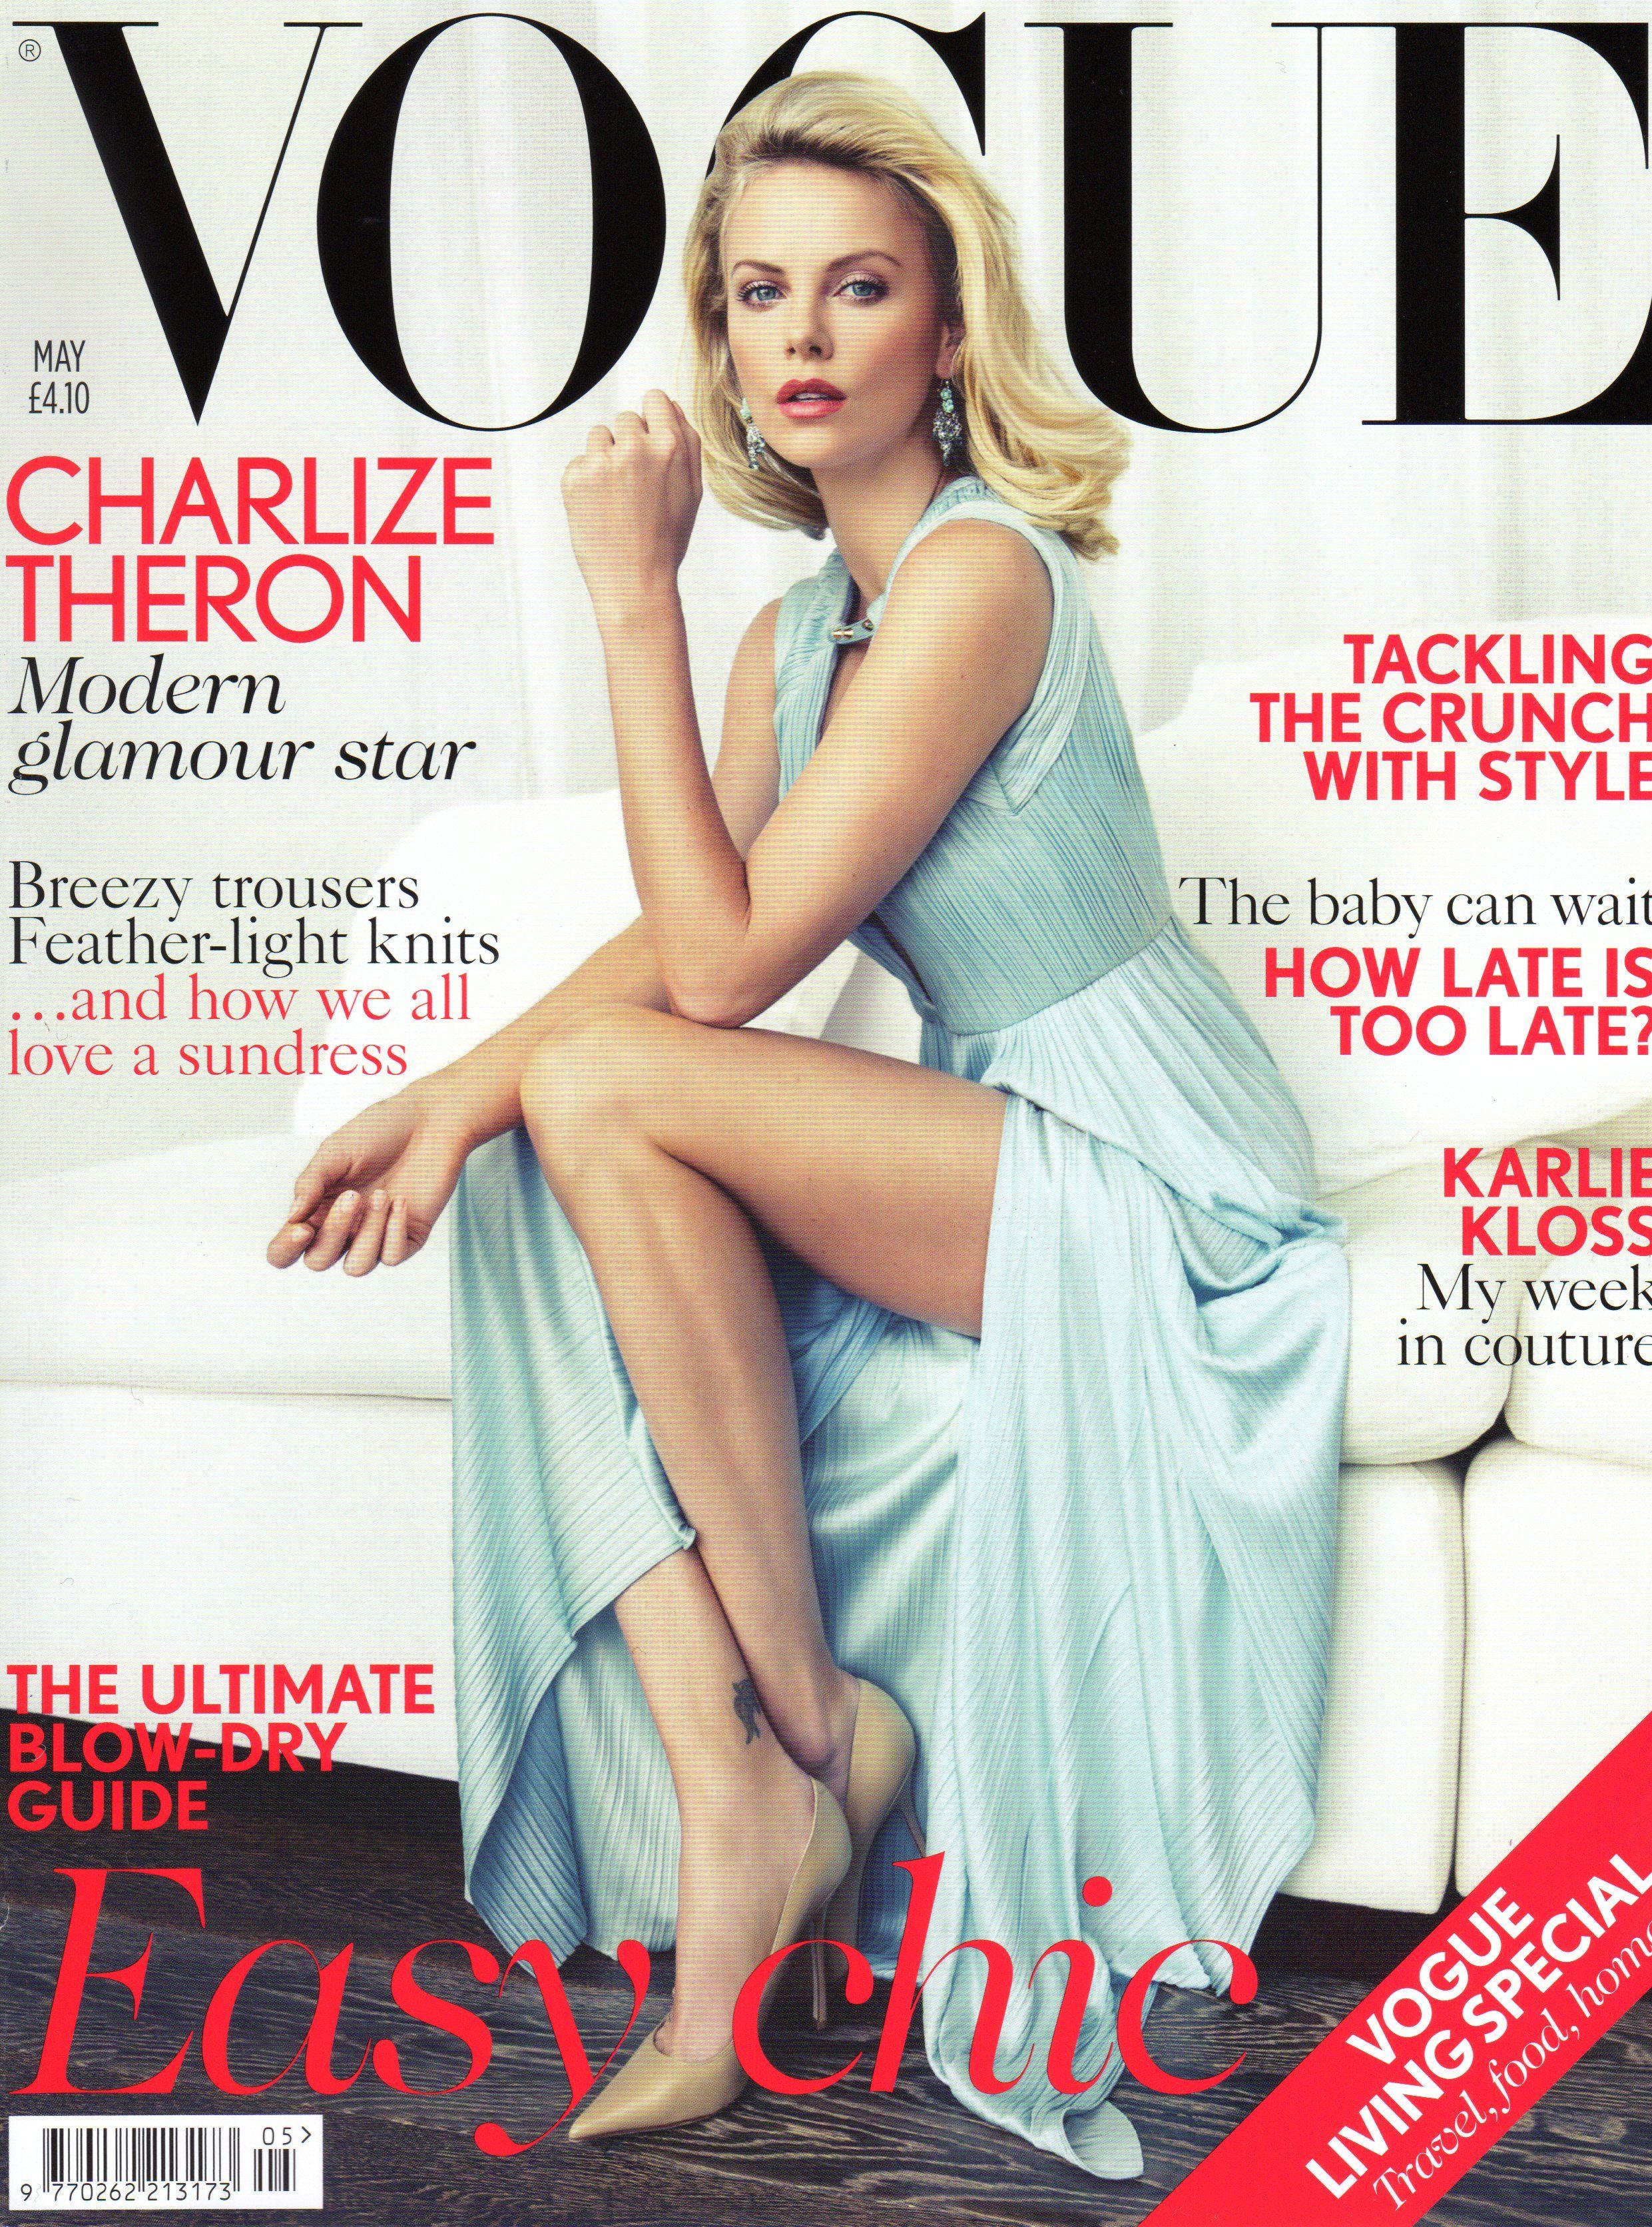 Charlize Theron - Vogue UK February 2020 • CelebMafia